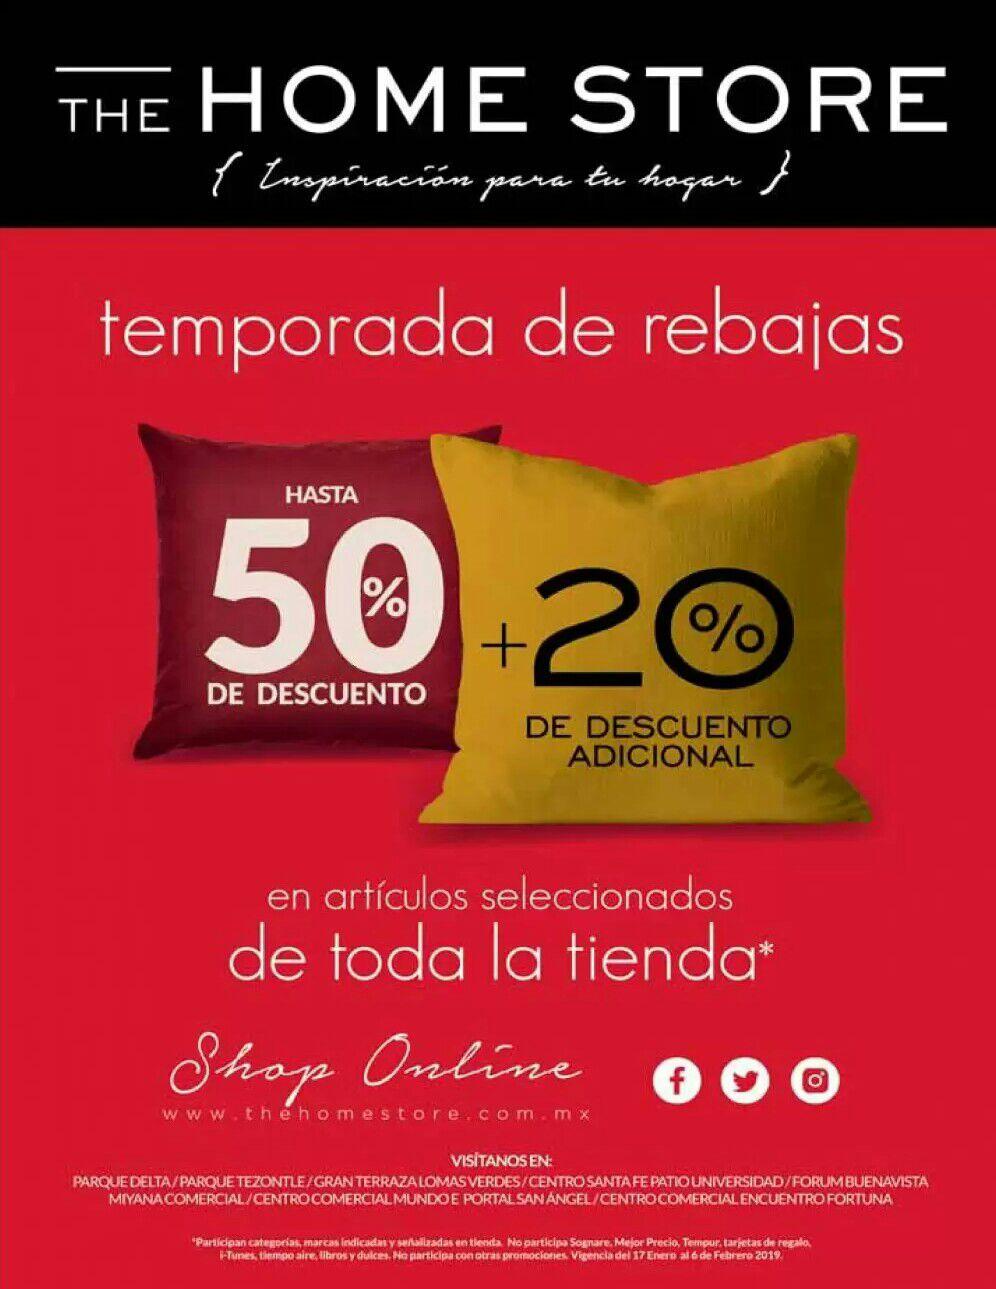 The Home Store: Temporada de Rebajas: Hasta 50% de descuento + 20% adicional en artículos seleccionados de toda la tienda